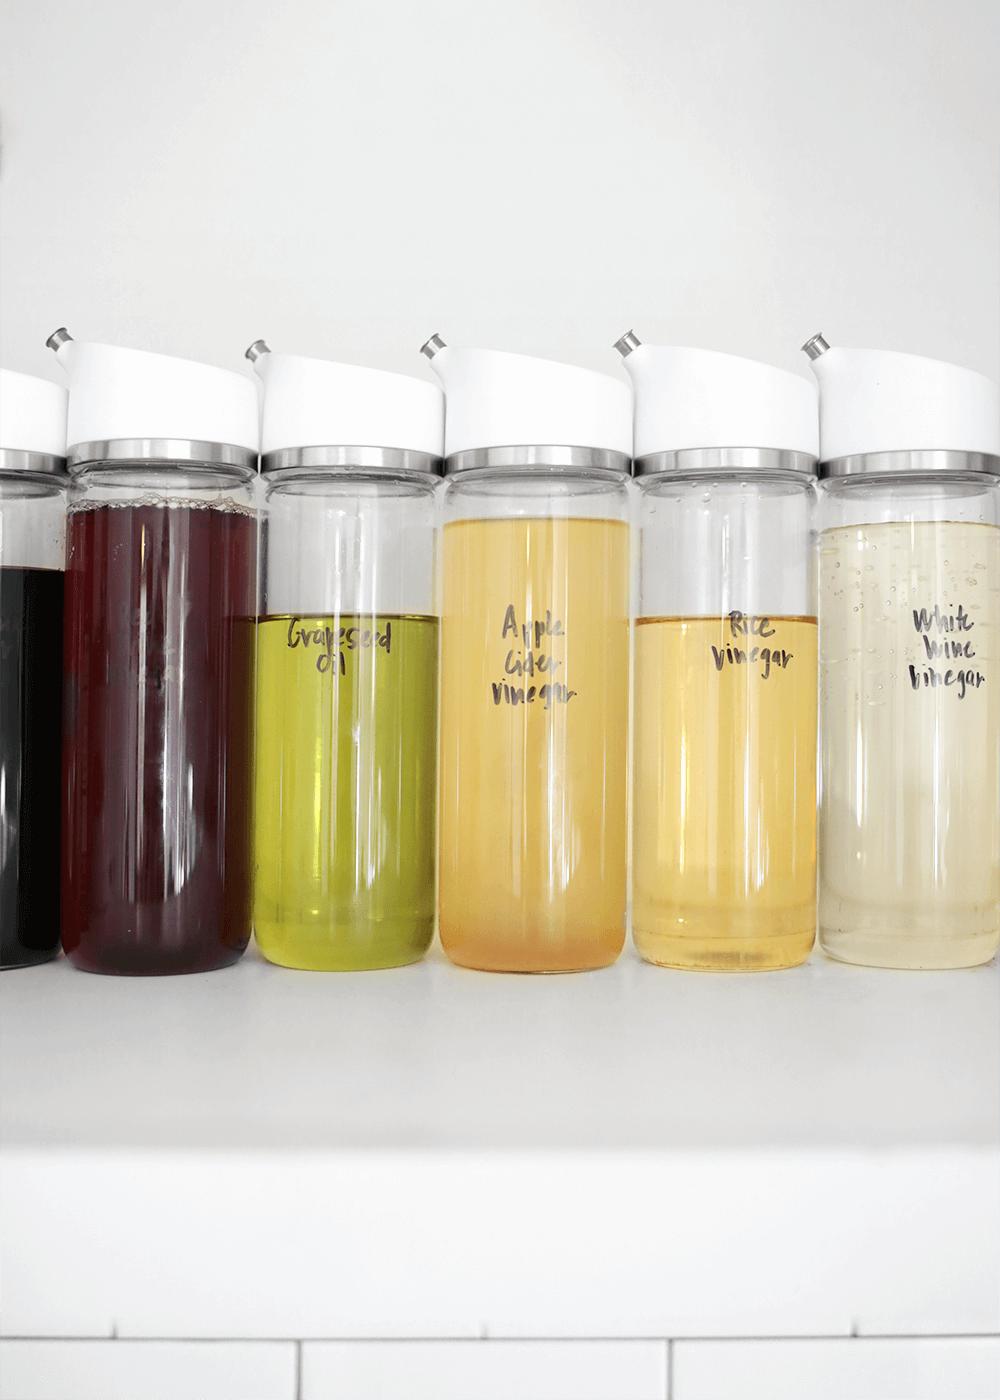 OXO vinegar bottles from the faux martha